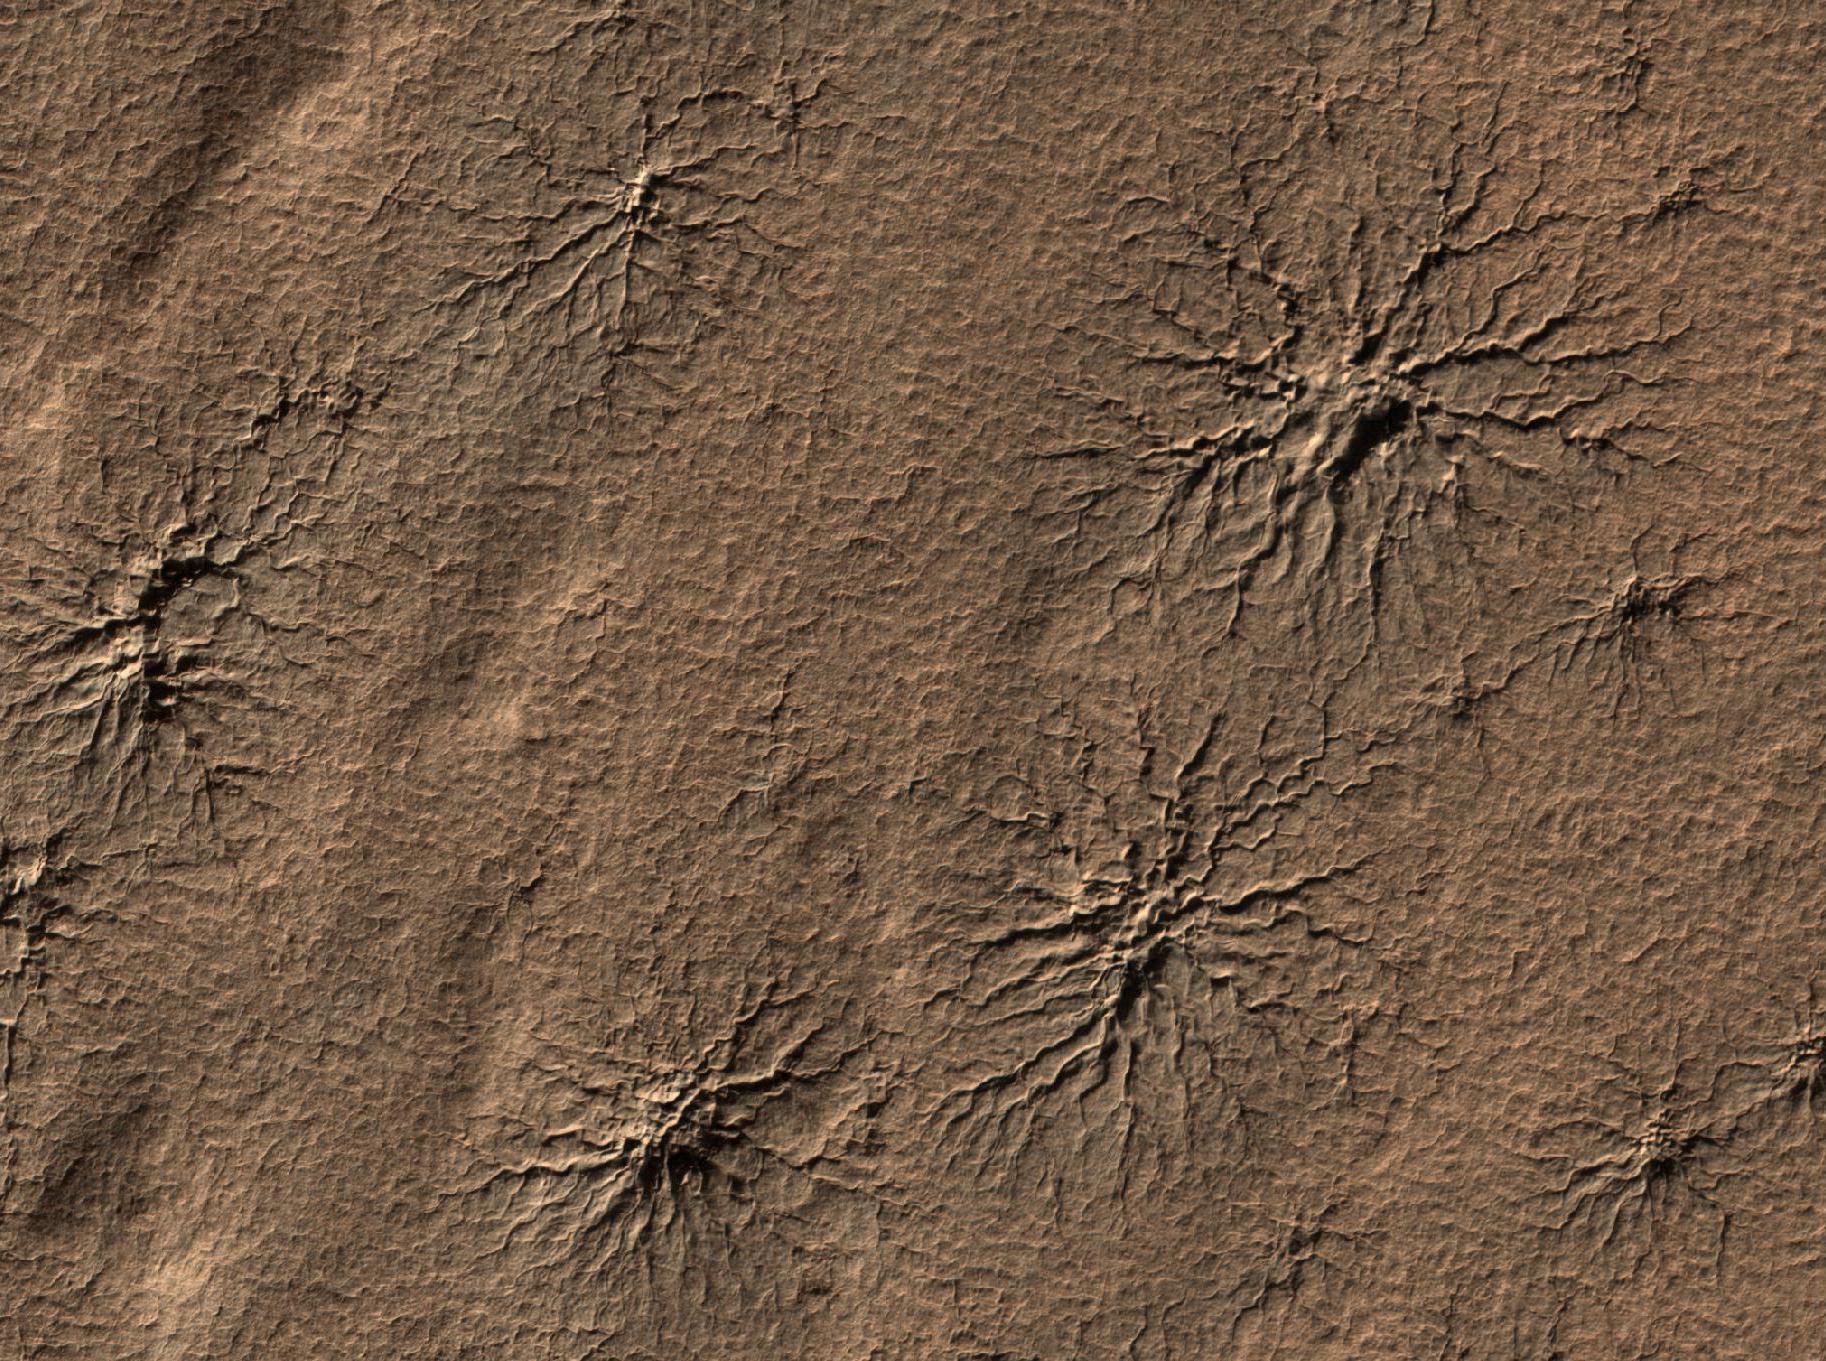 mars alien pictures